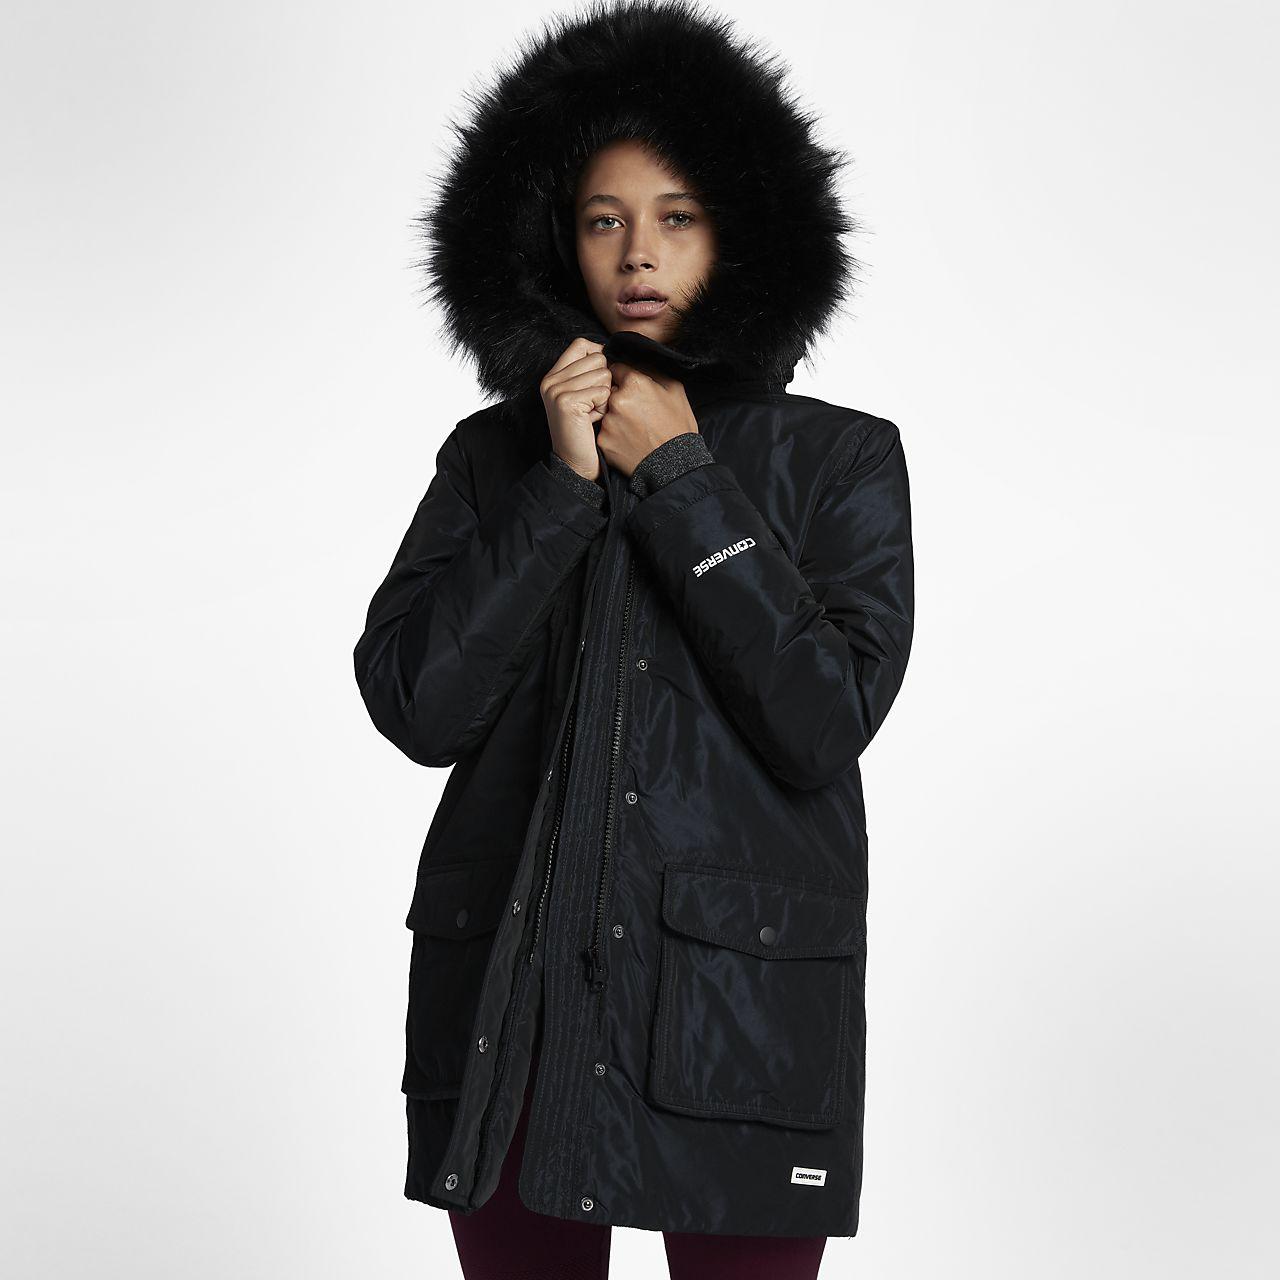 Converse Sideline Down Puffer Women's Jacket